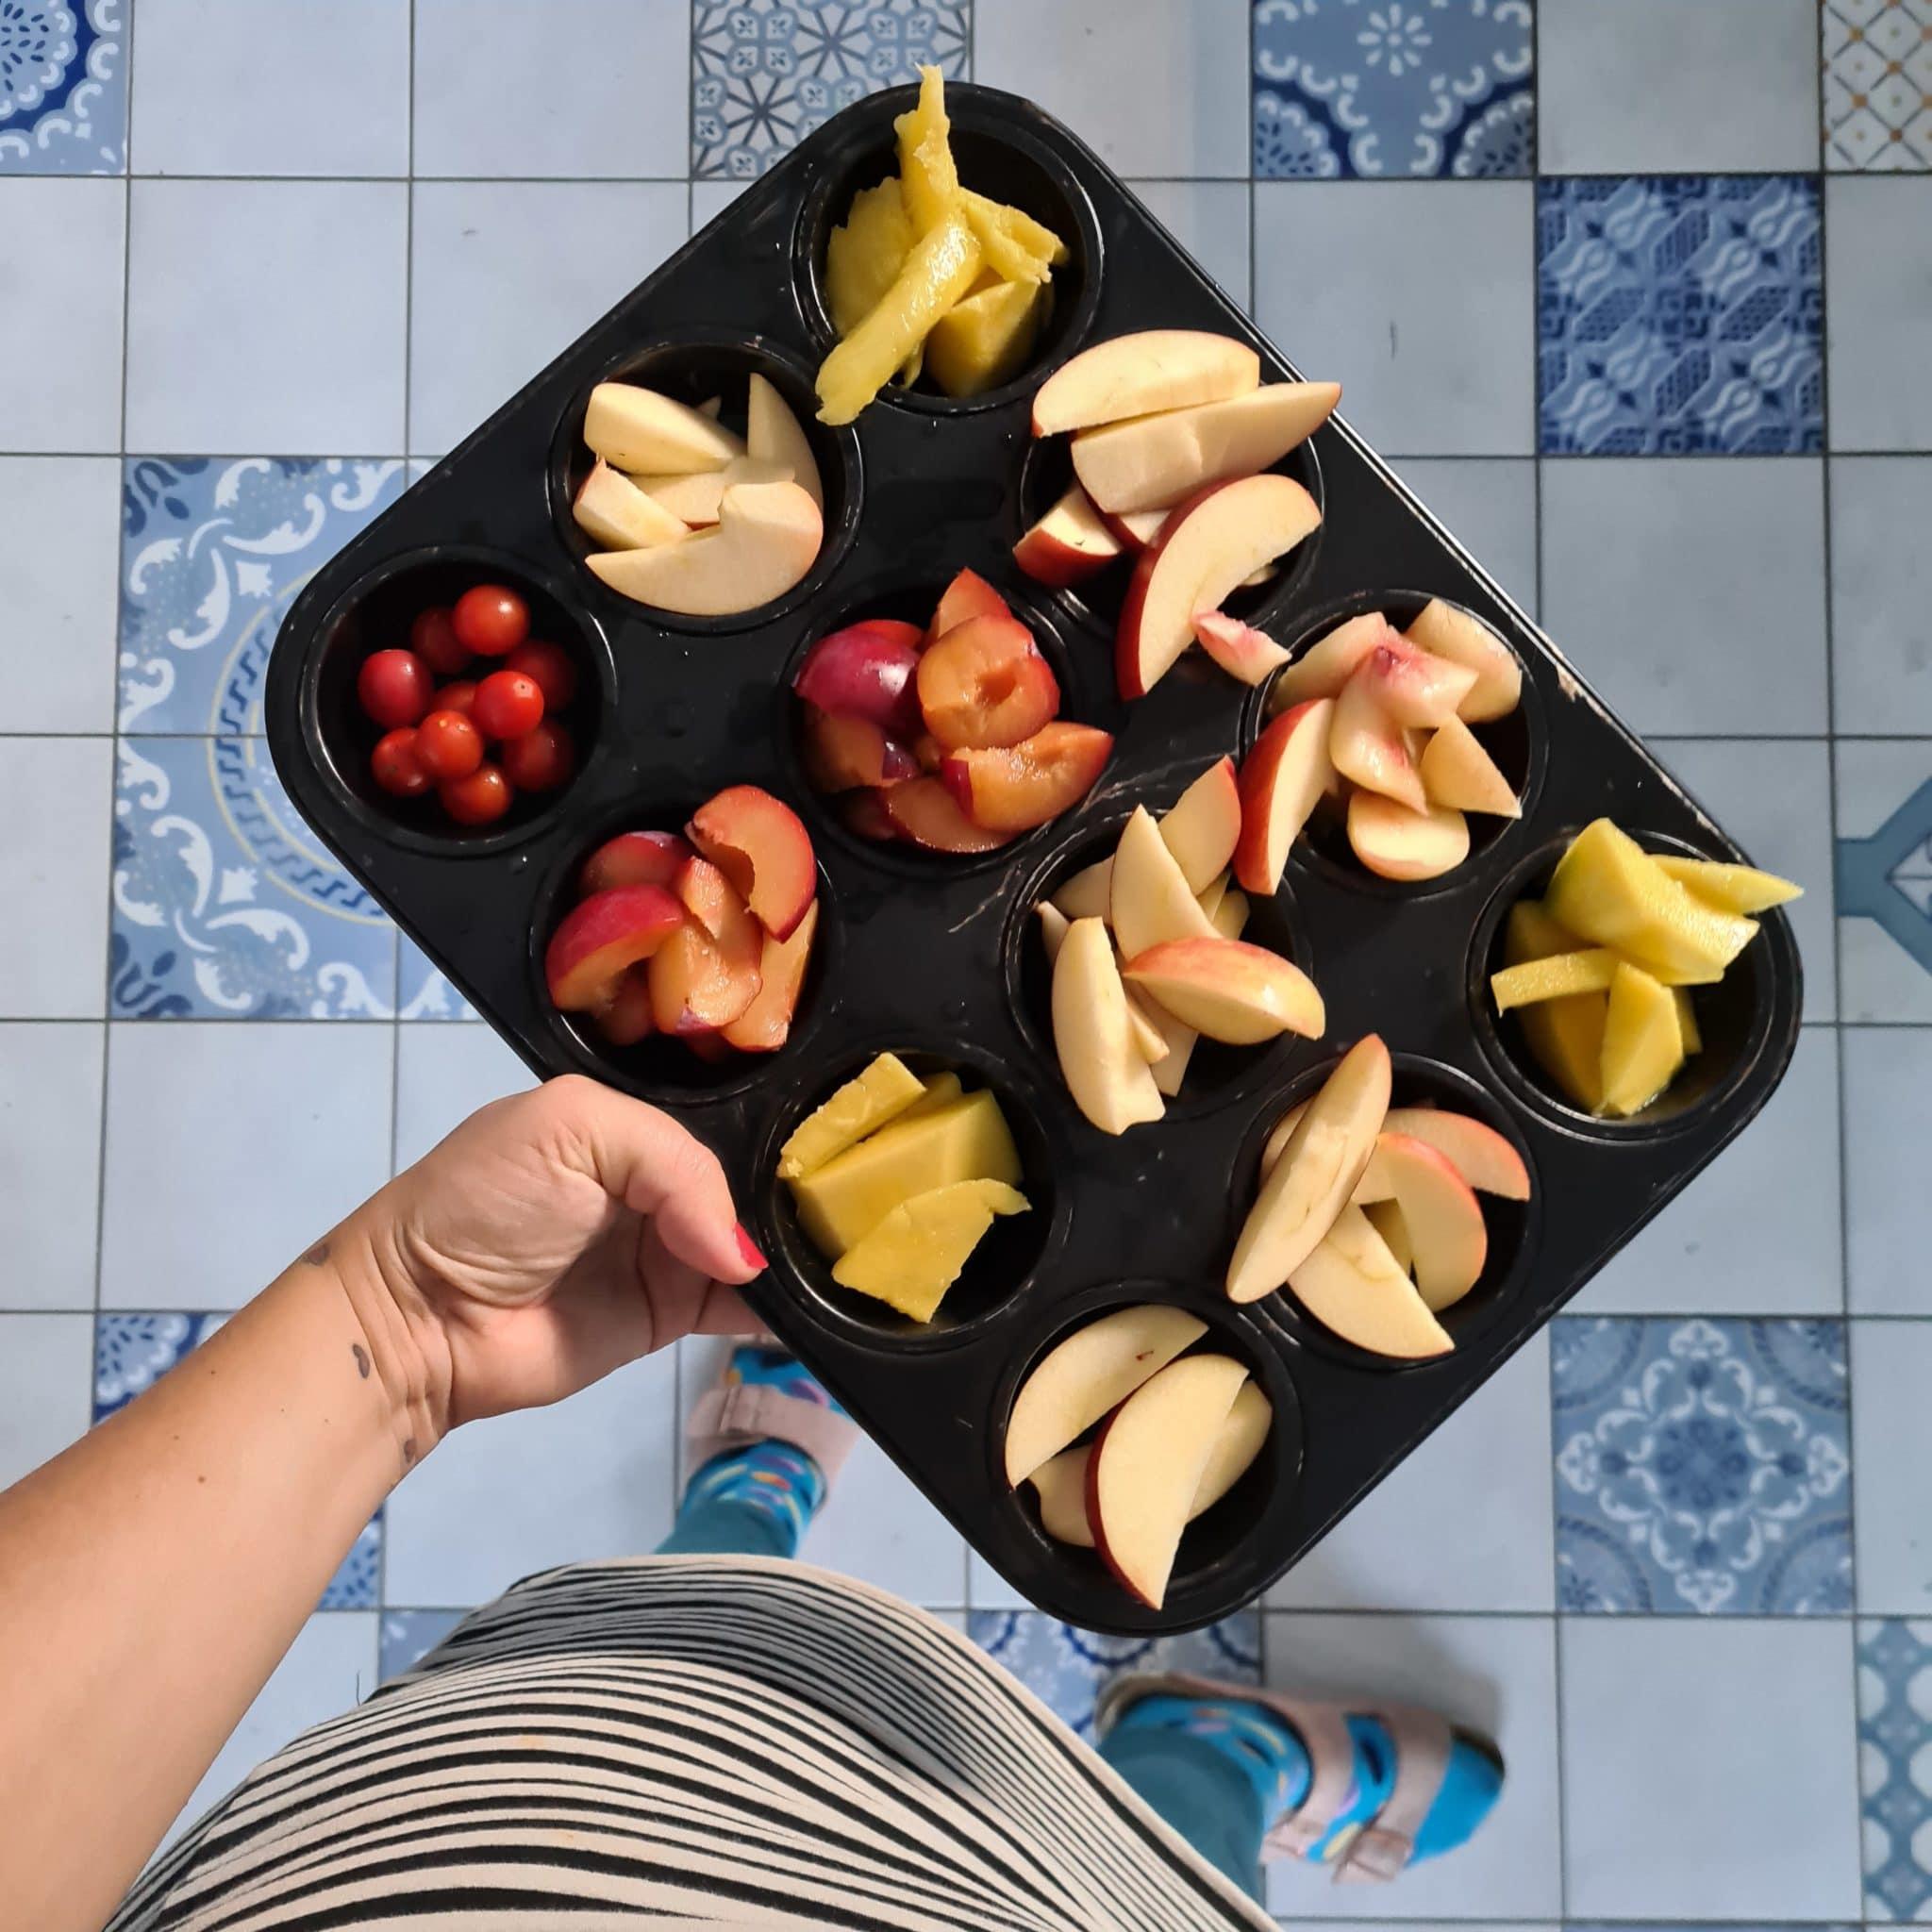 zum Abendbrot gibt es Obst.